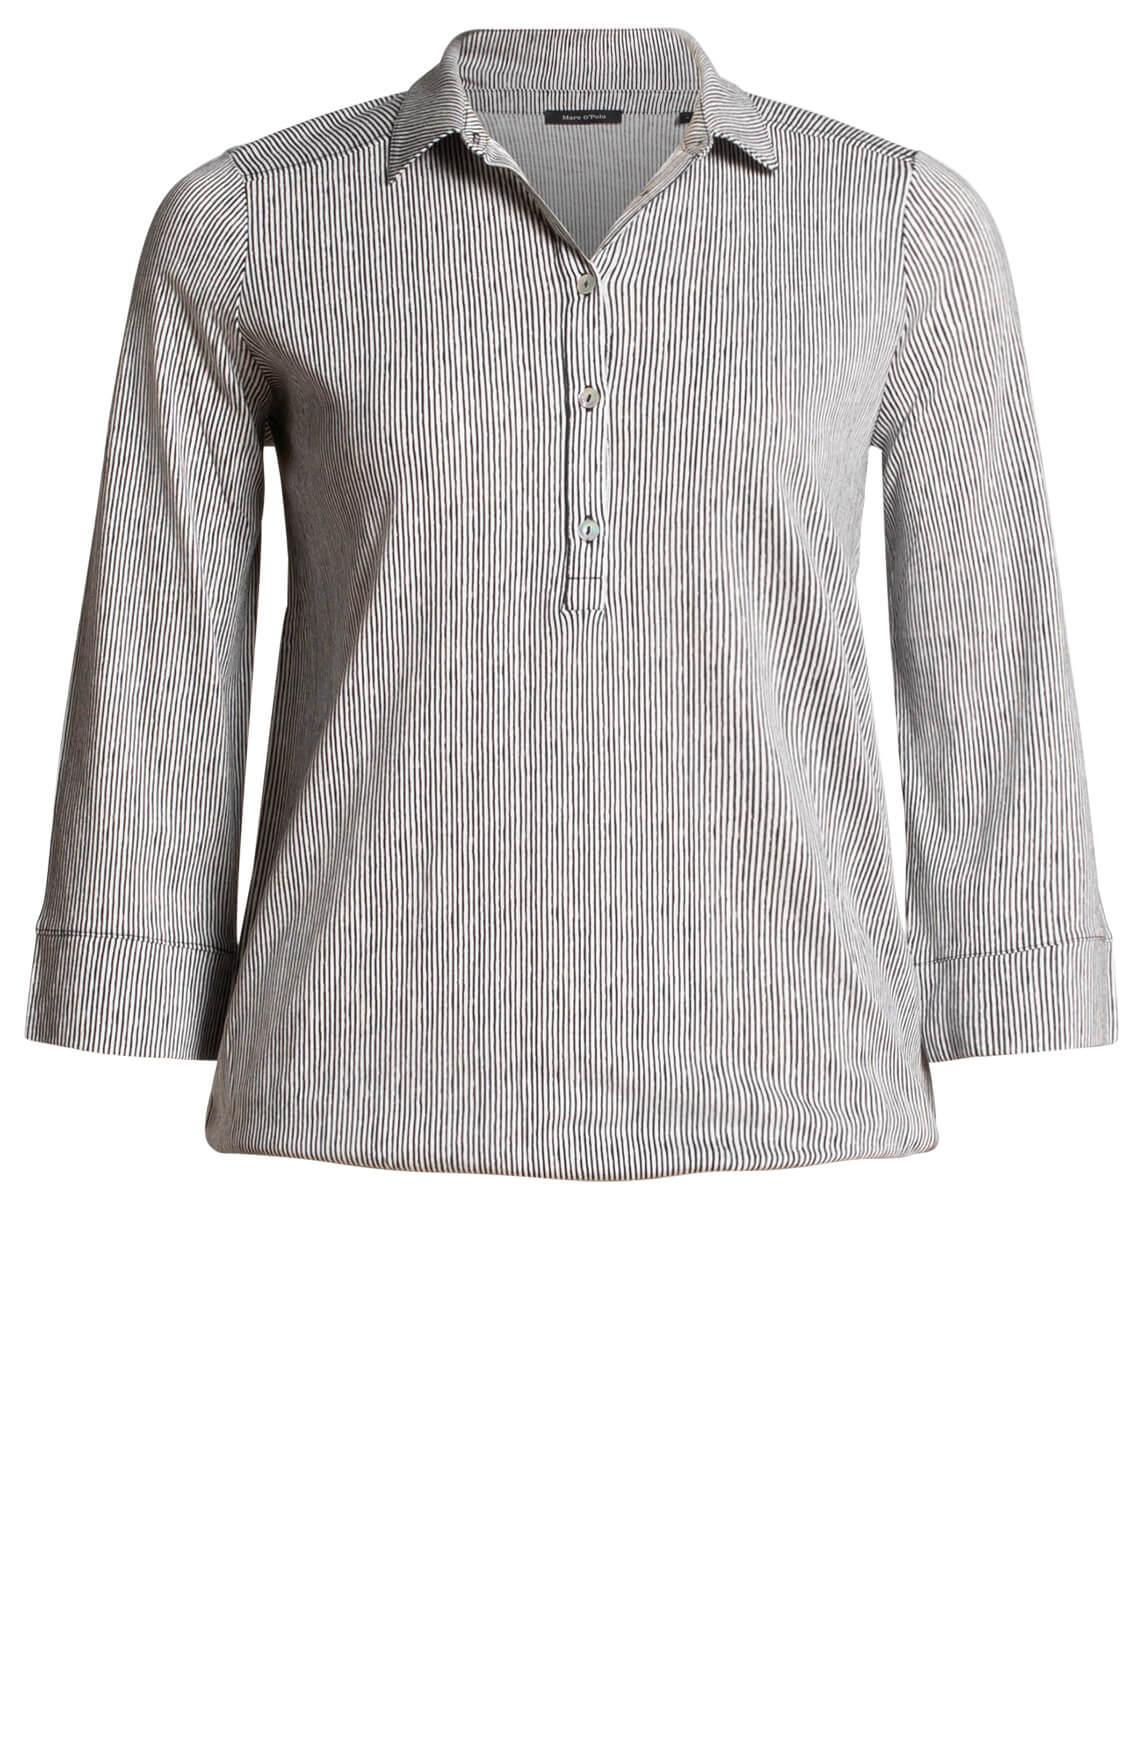 Marc O'Polo Dames Gestreepte blouse zwart